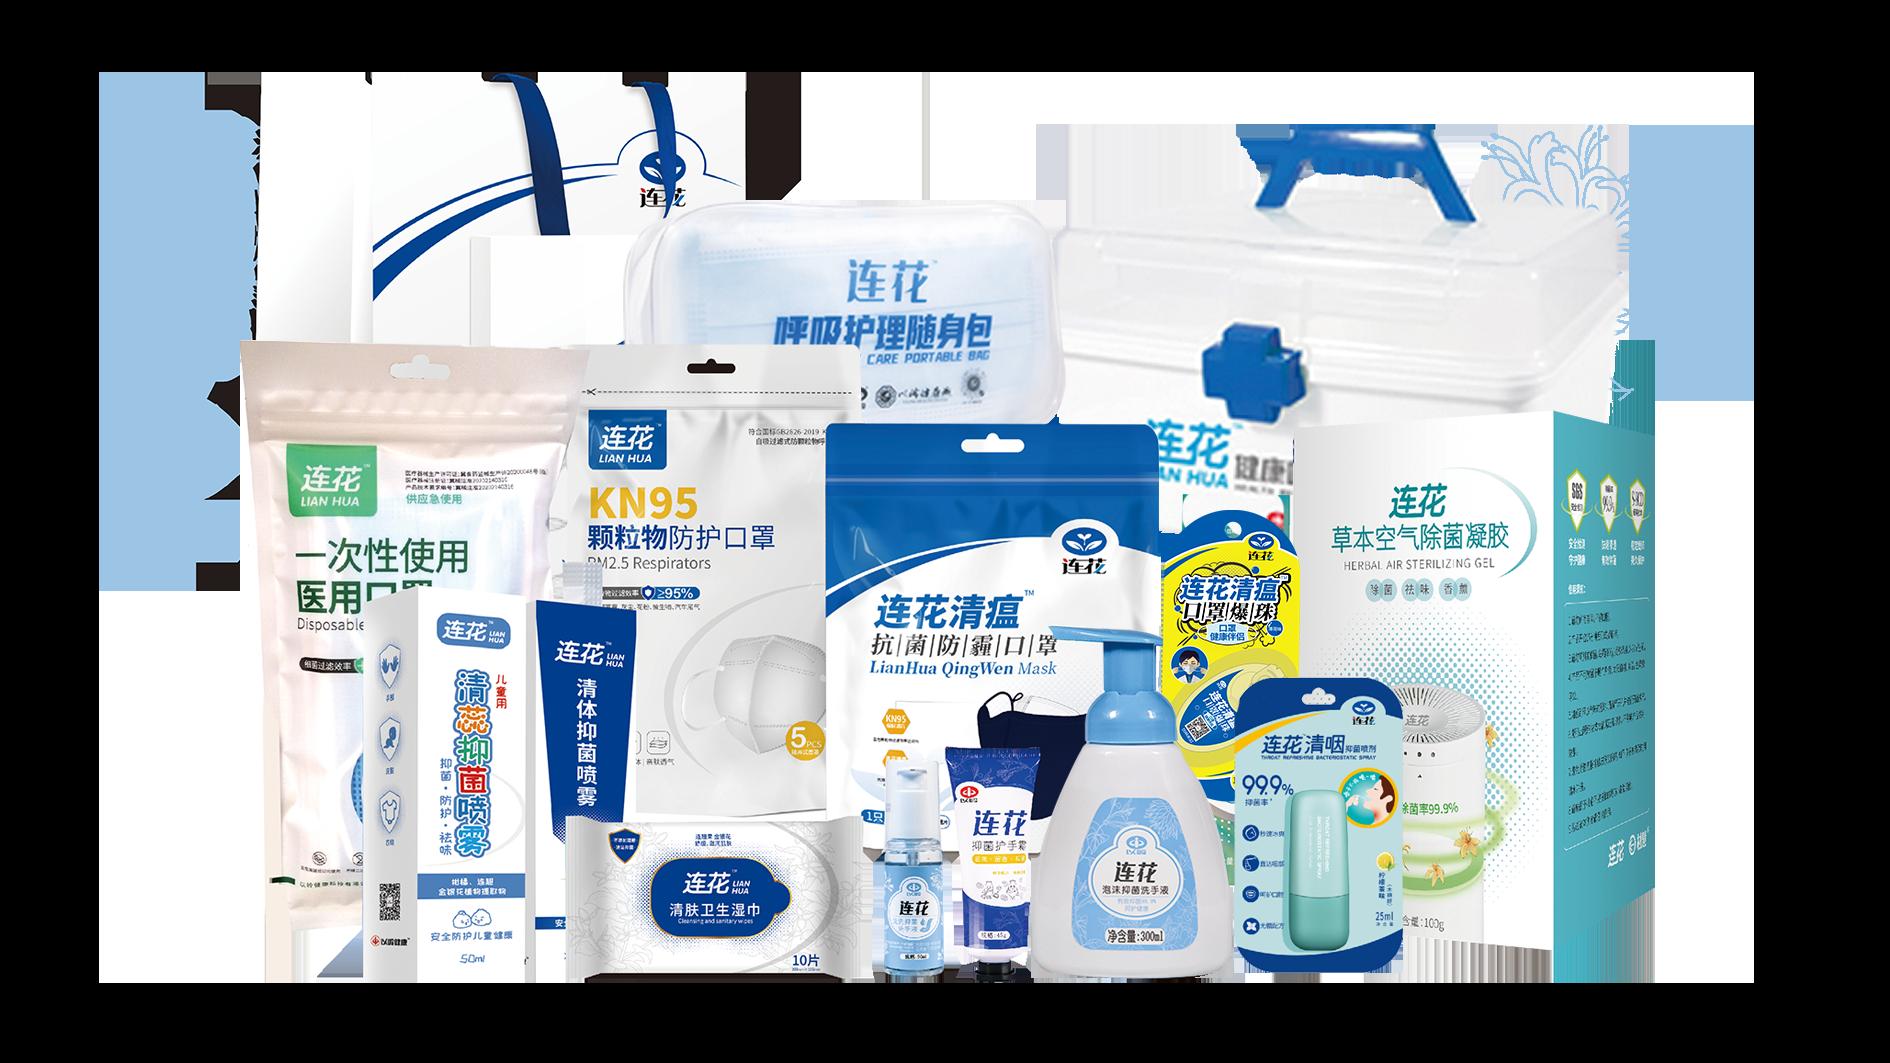 连花呼吸健康系列产品,应急服务疫情防控